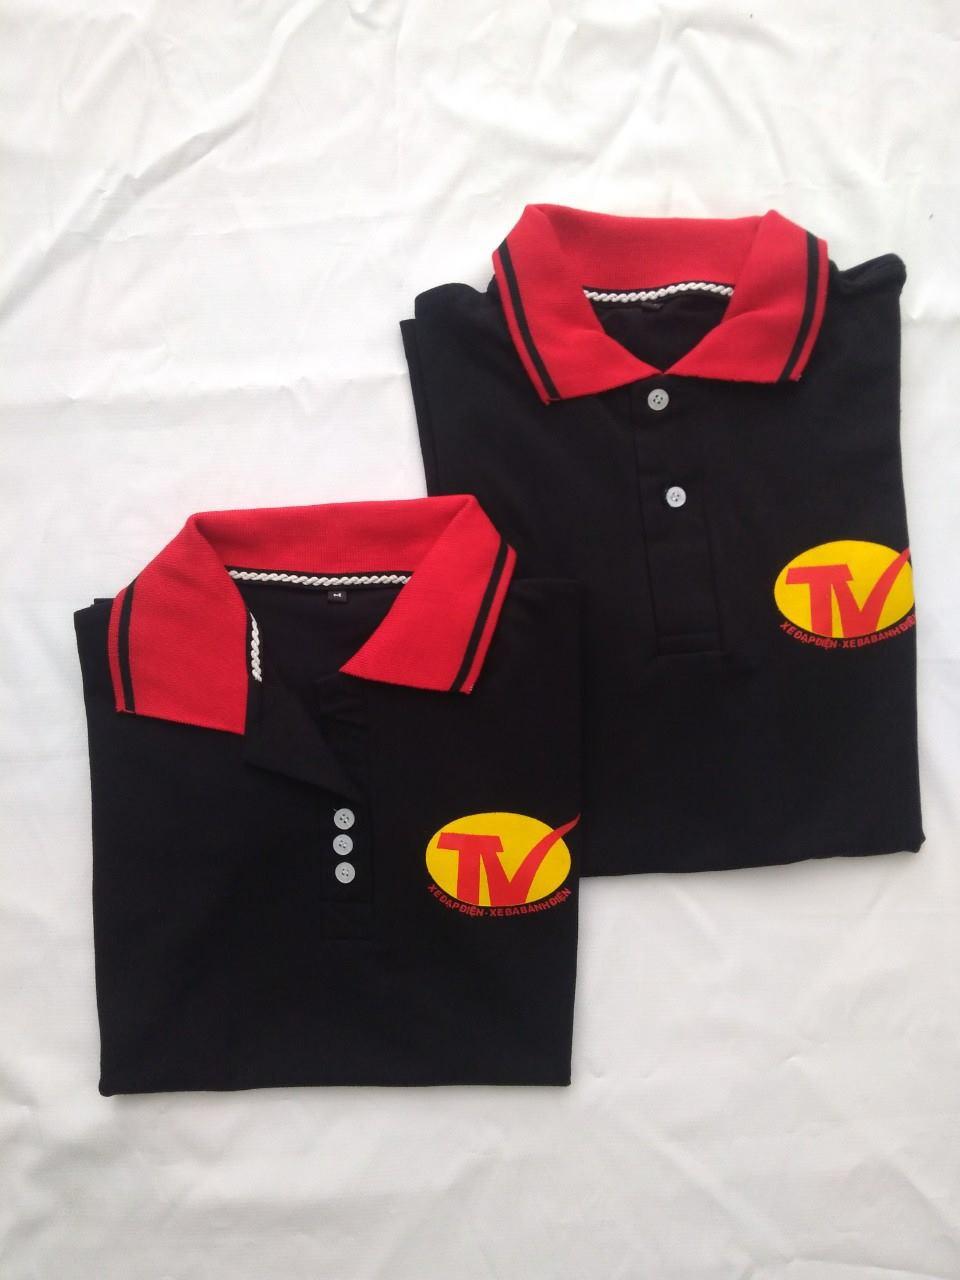 Mẫu áo thun đồng phục từ xưởng may áo thun đồng phục giá rẻ TPHCM